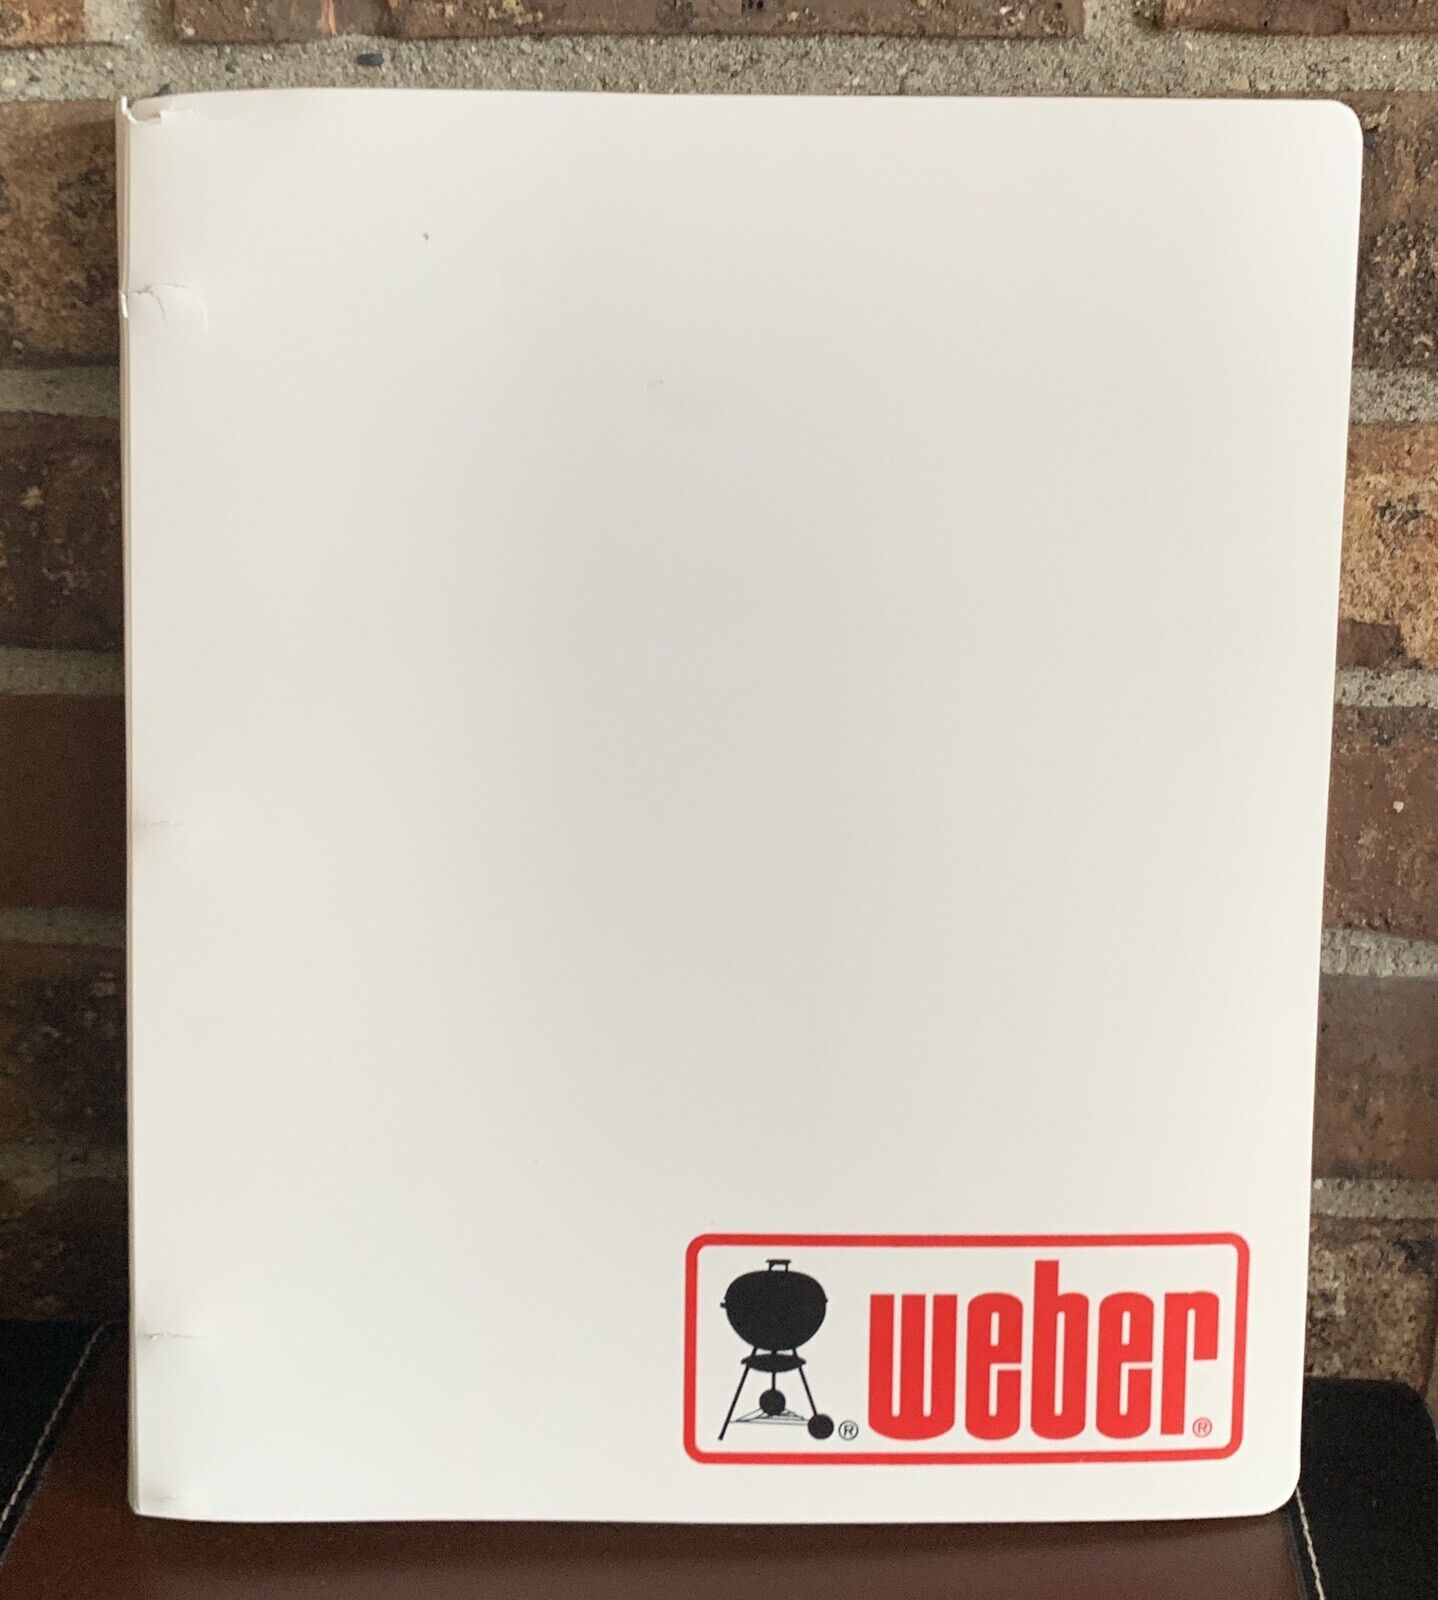 Weber 1996 Serie Platino 3 Anillas gas BBQ Grill Owners Manual & Libro De Cocina